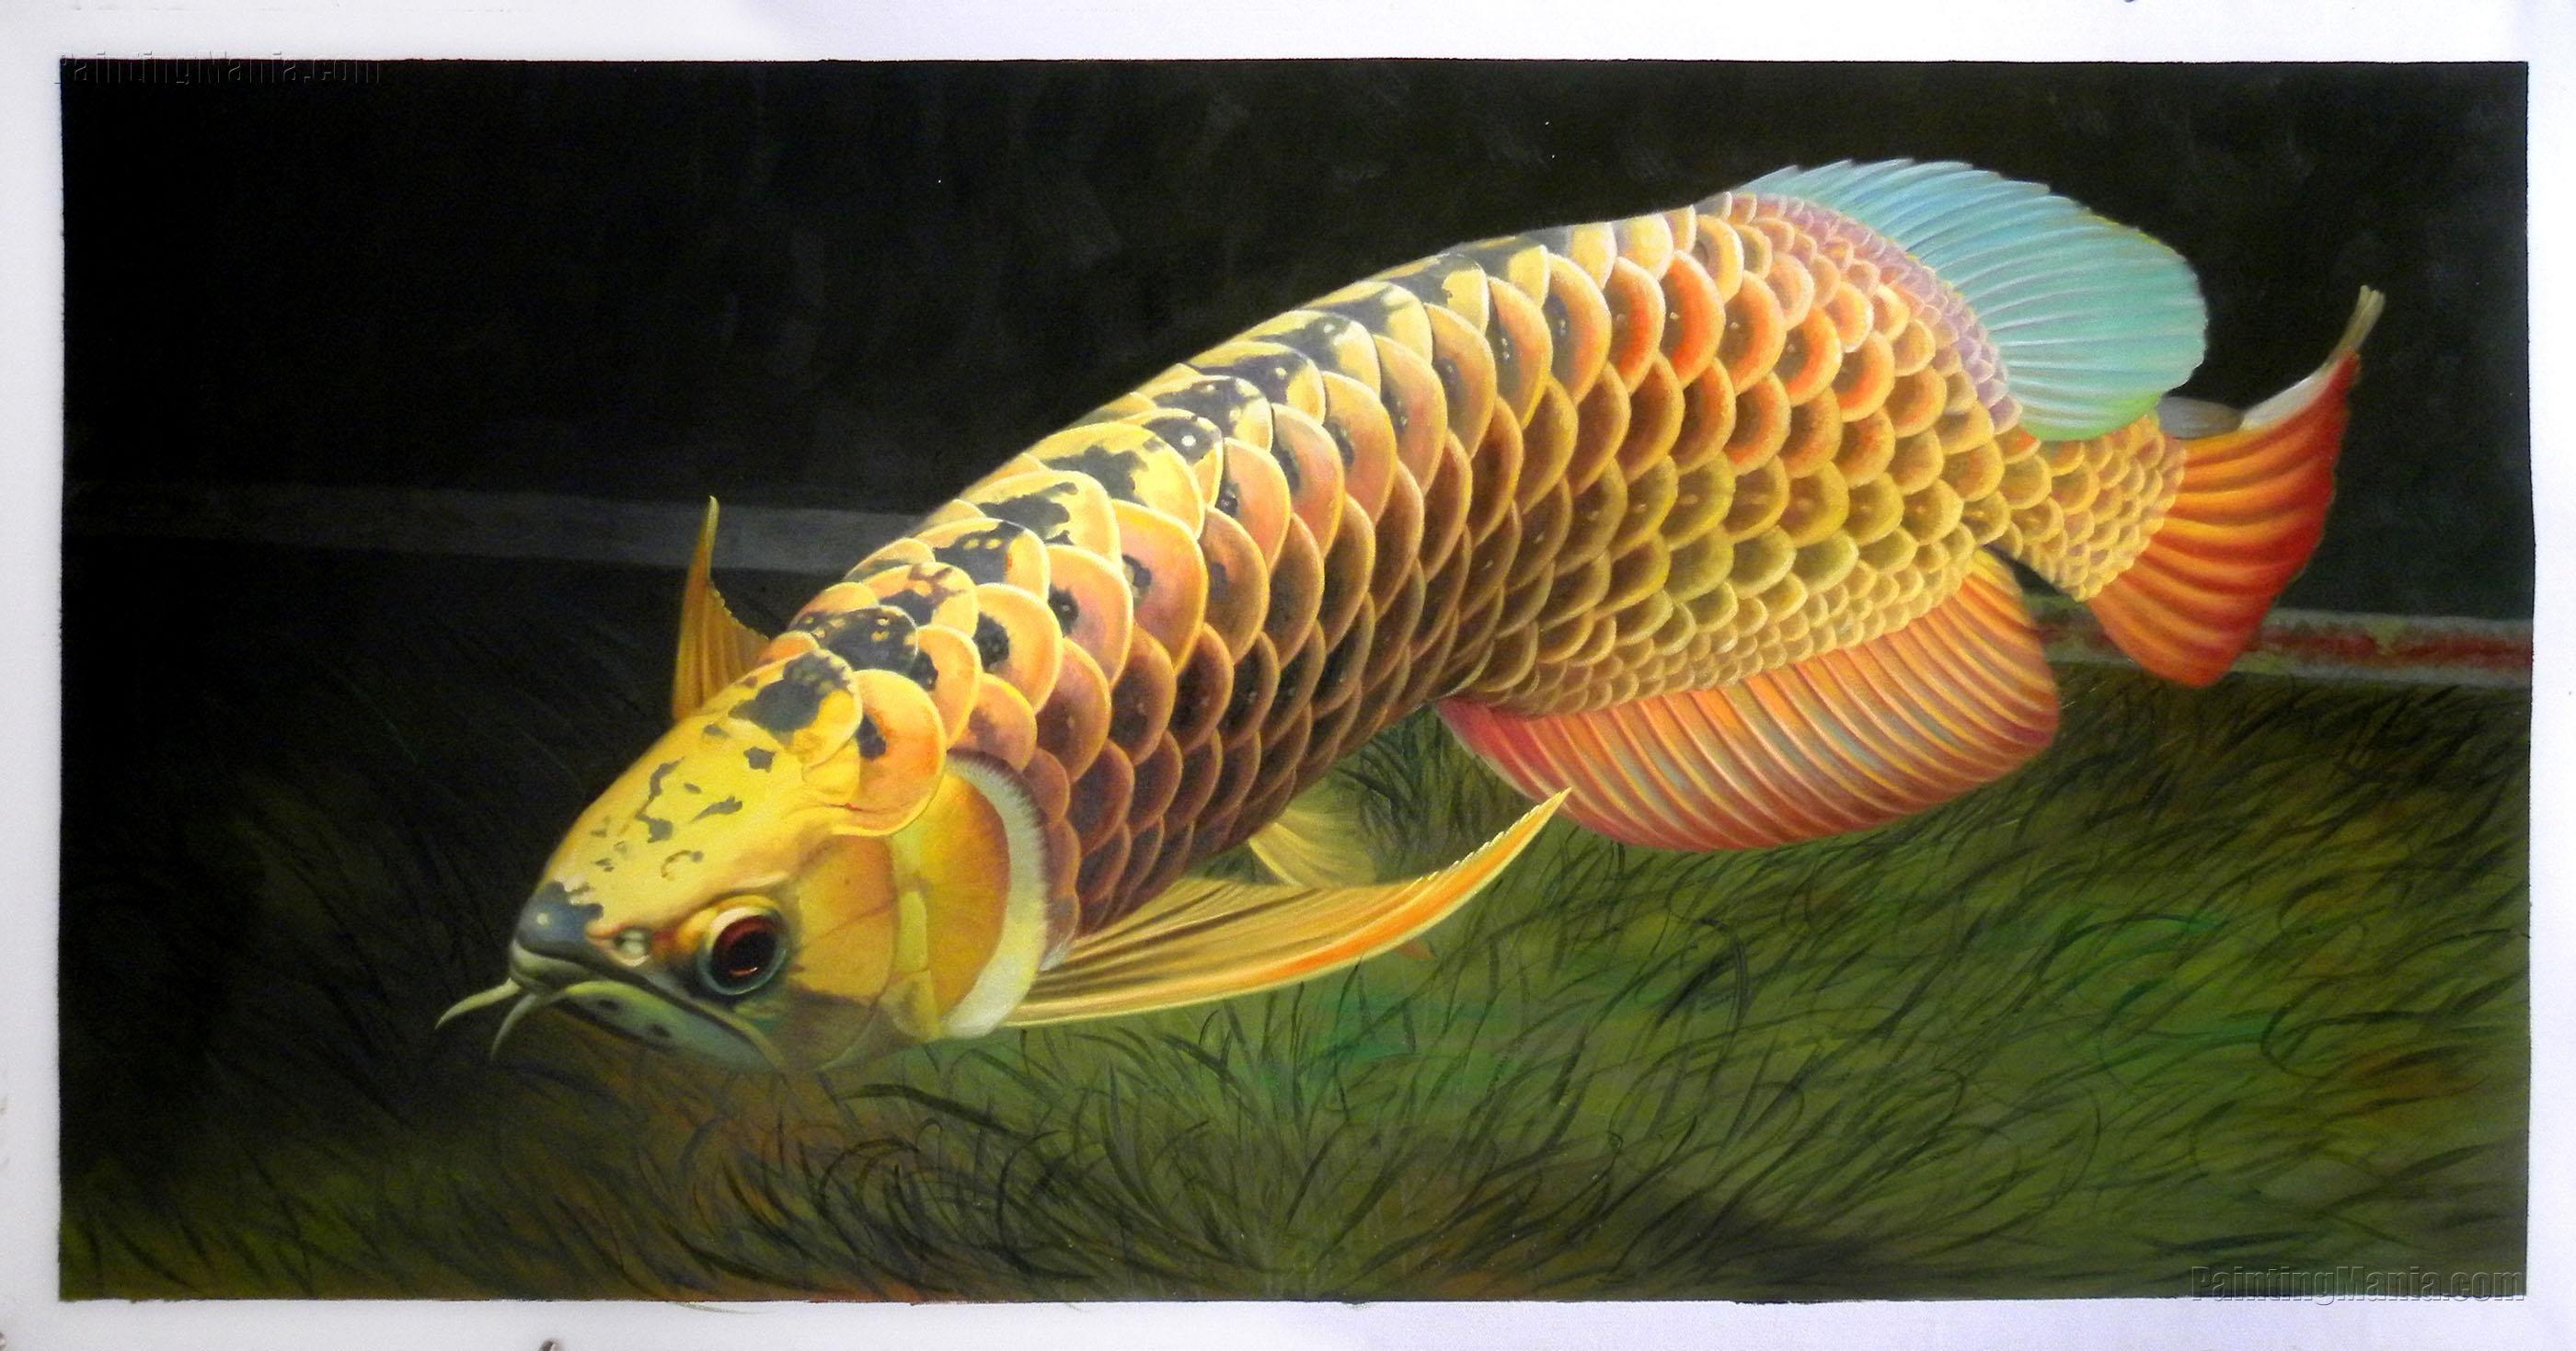 Scleropages Formosus Asian Arowana Asian Bonytongue Golden Arowana